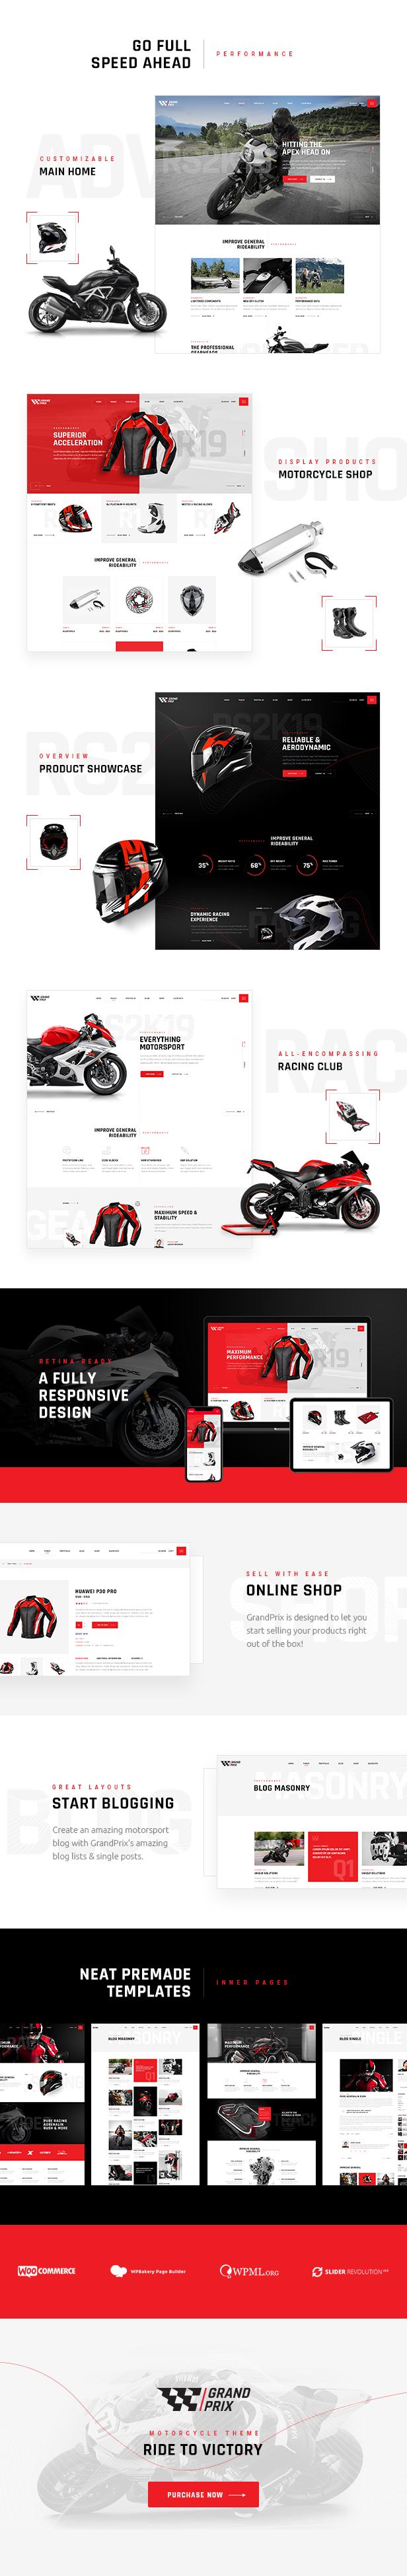 GrandPrix - Motorcycle WordPress Theme - 1